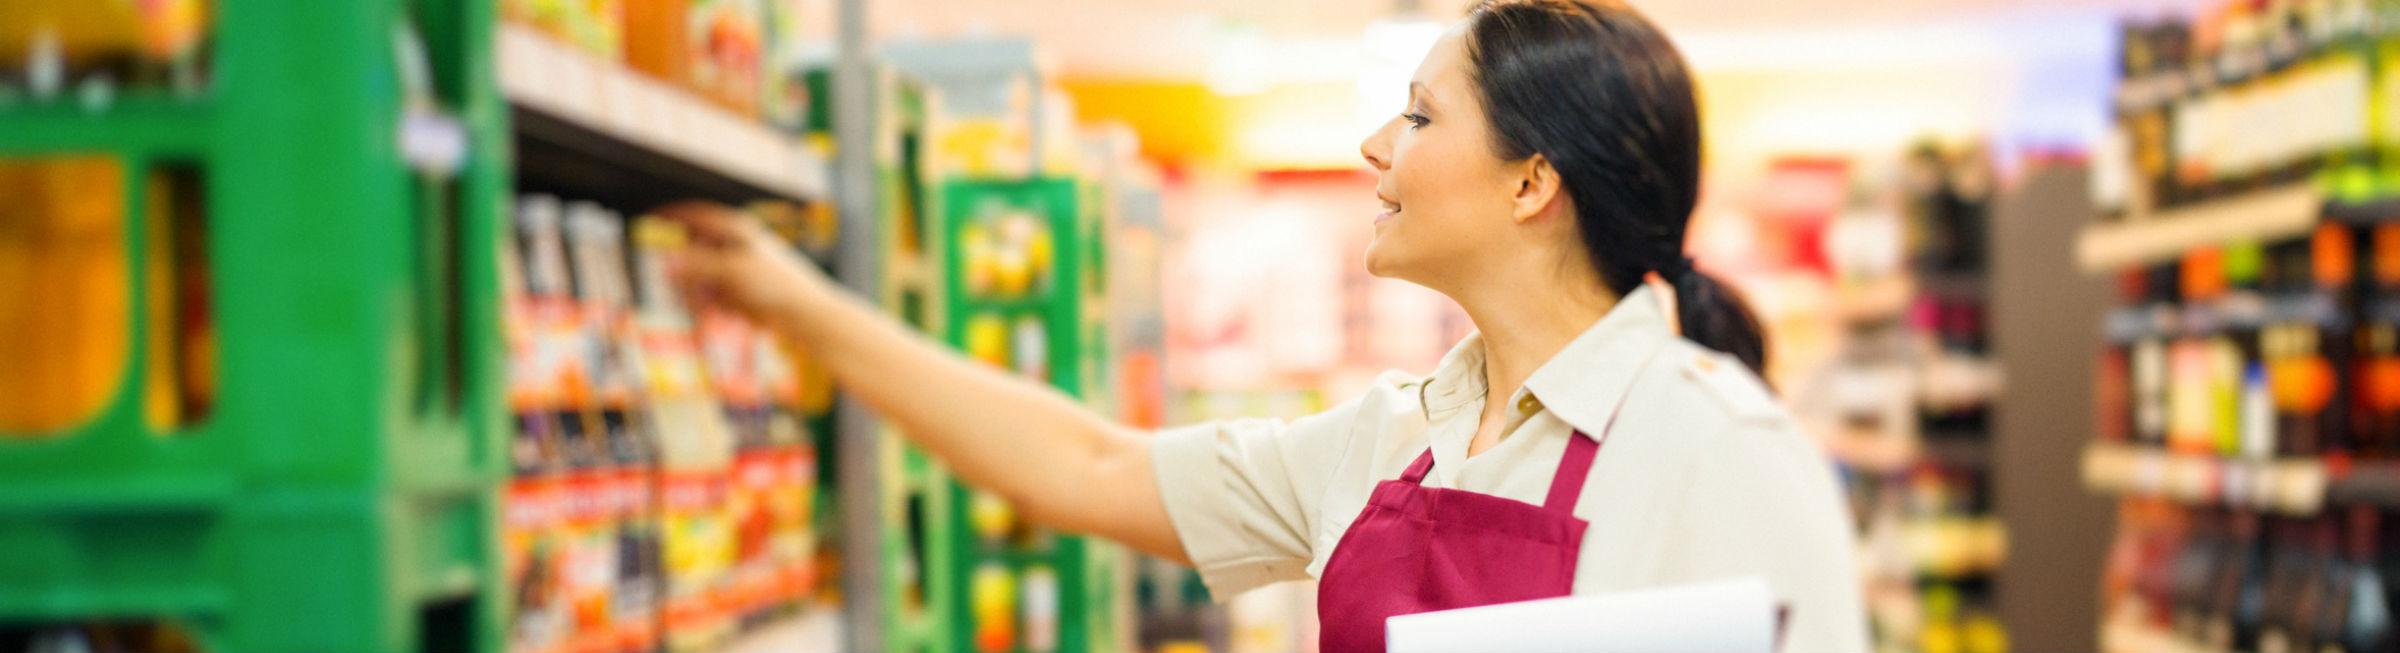 Un femme fait de la mise en rayon dans un supermarché